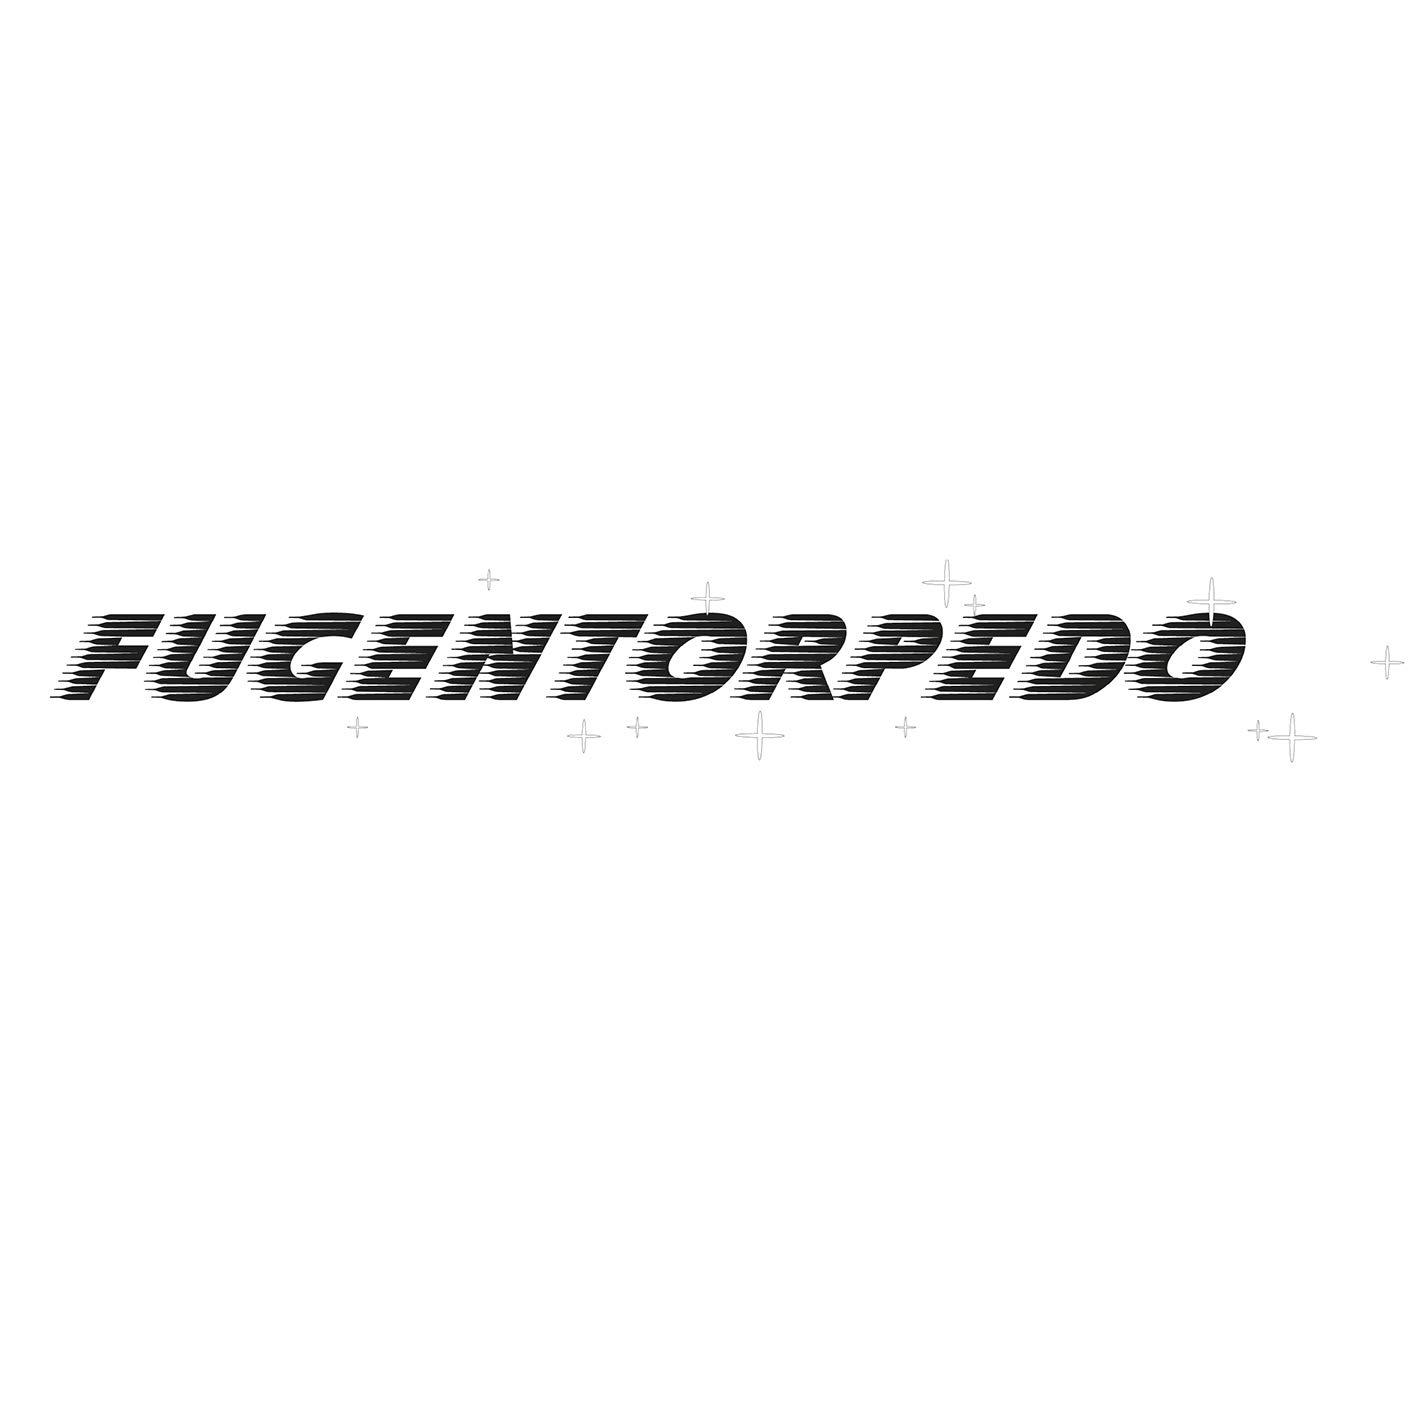 1x Griff 3x Fugenb/ürste /& 1x Schleifsteg 2mm /& 1x Schleifsteg 3mm /& 1x Schleifsteg 5mm FUGENTORPEDO All-In-One-Set